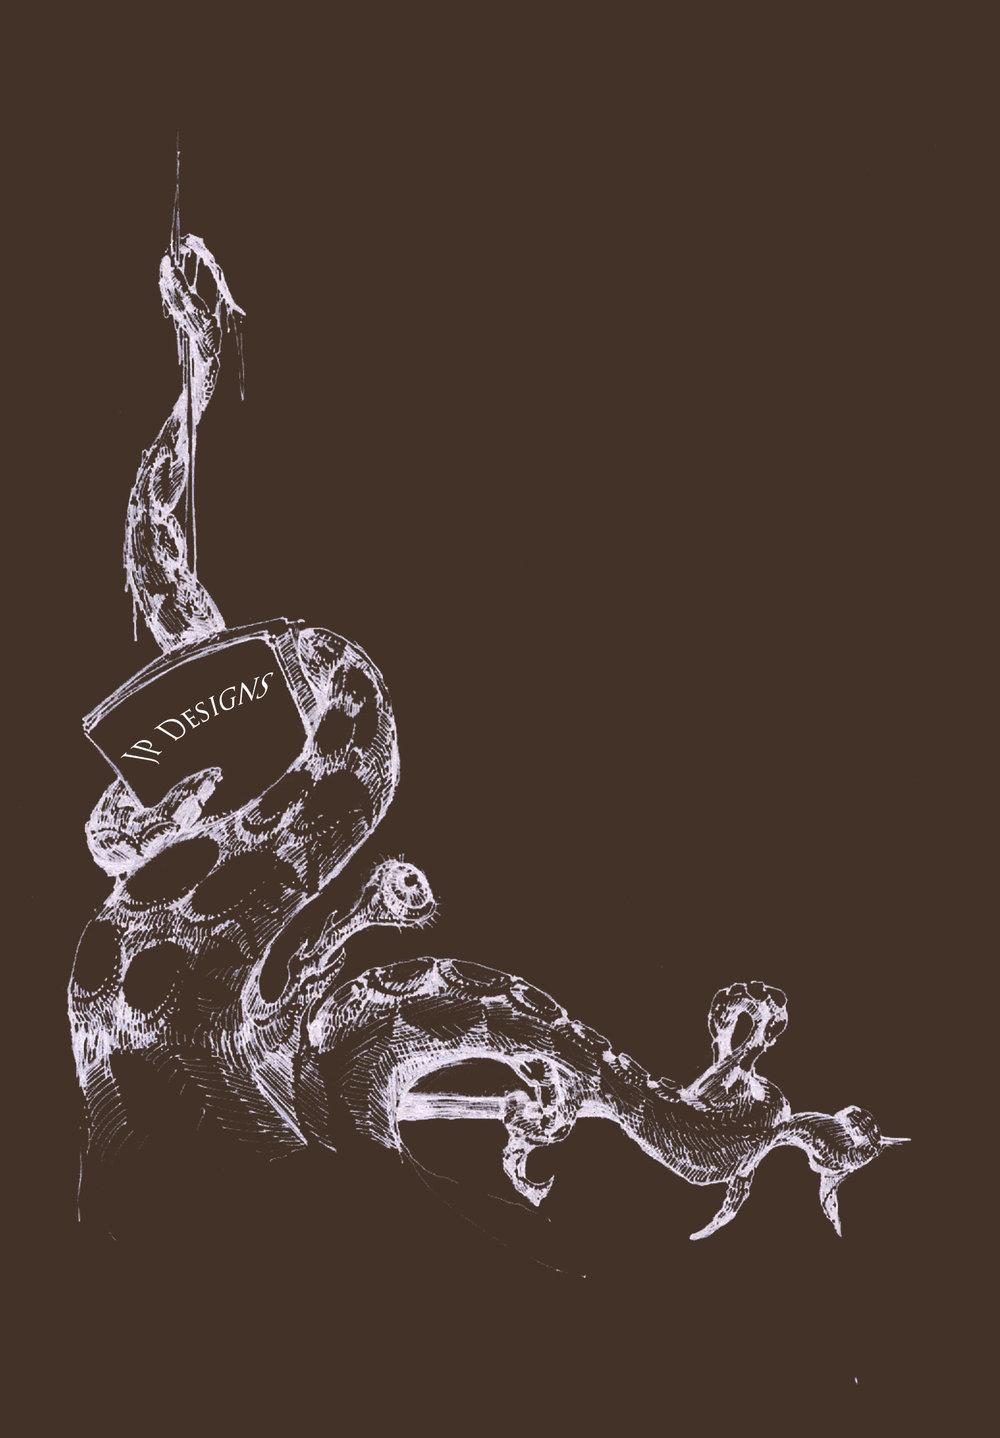 tentacle0001.jpg